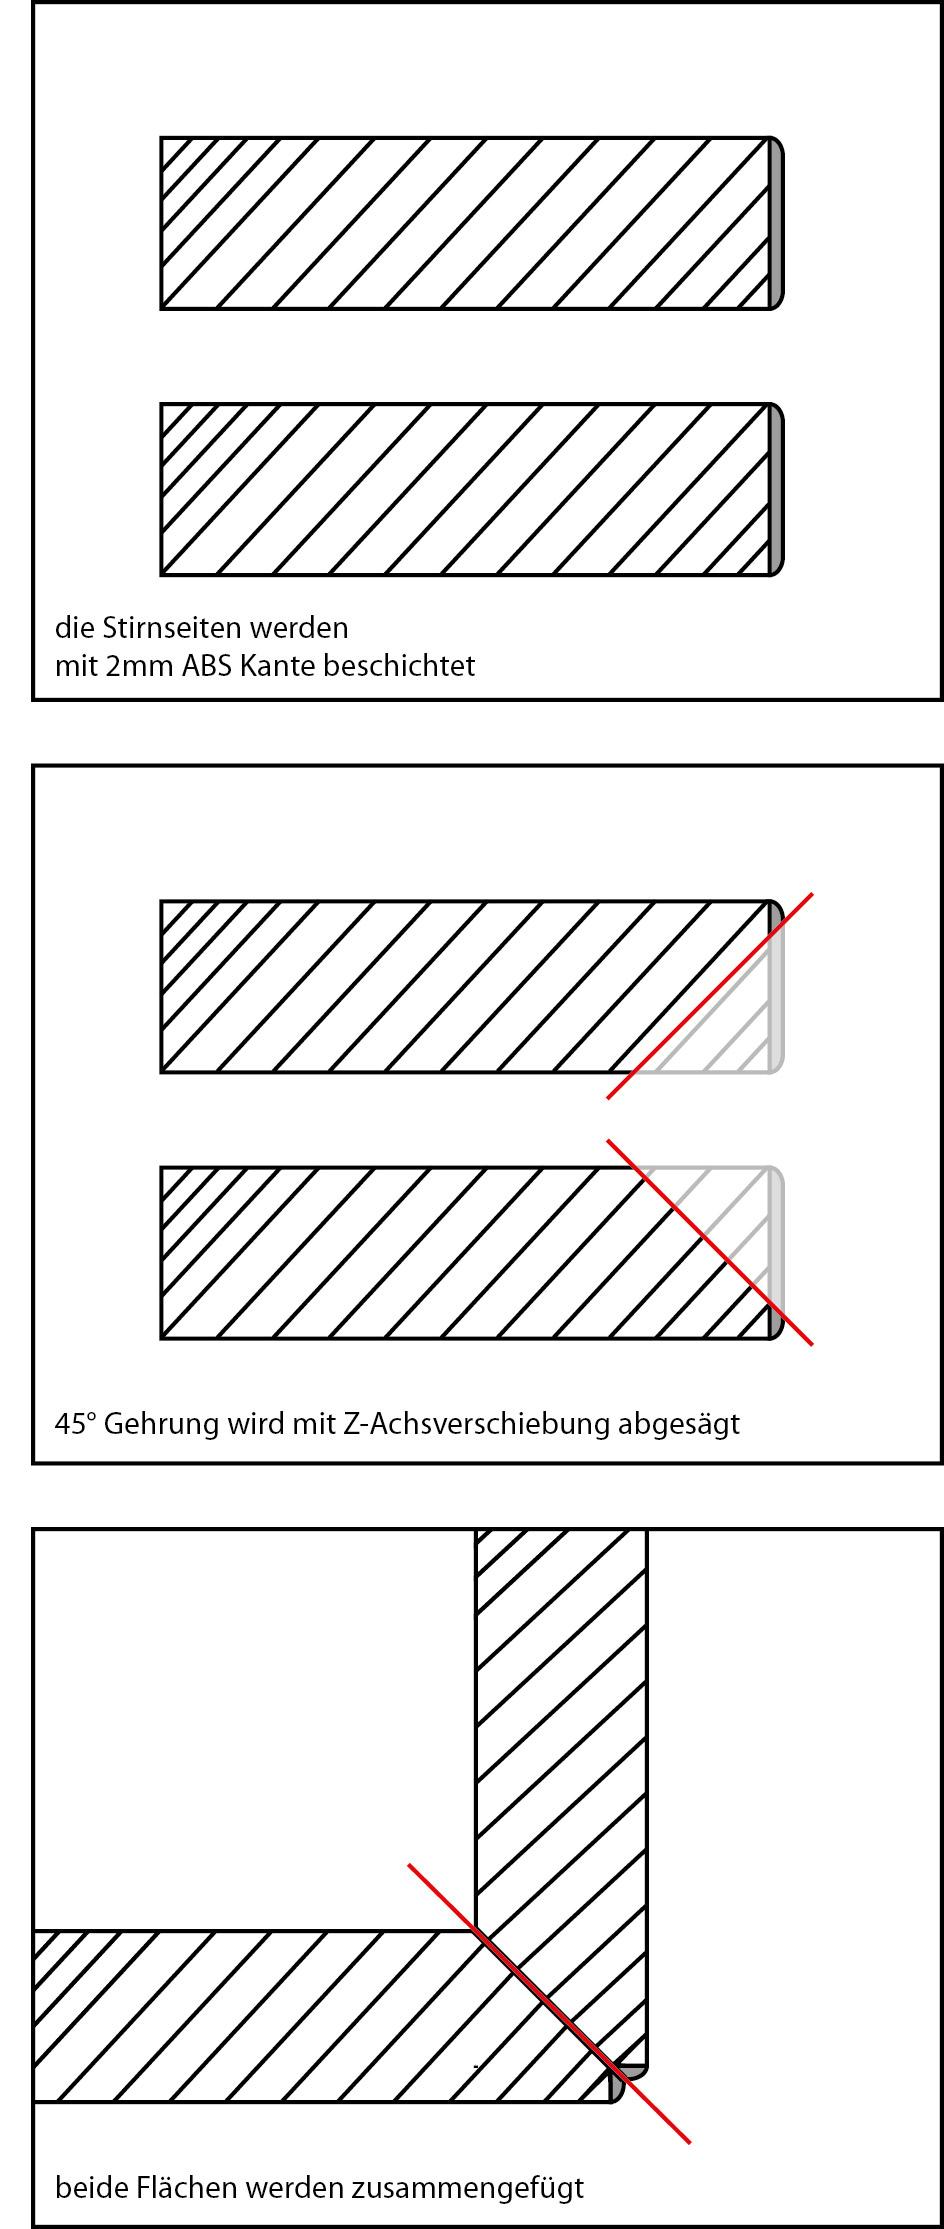 kante auf gehrung mit abs-kante (holztechnik/imos) - foren auf cad.de